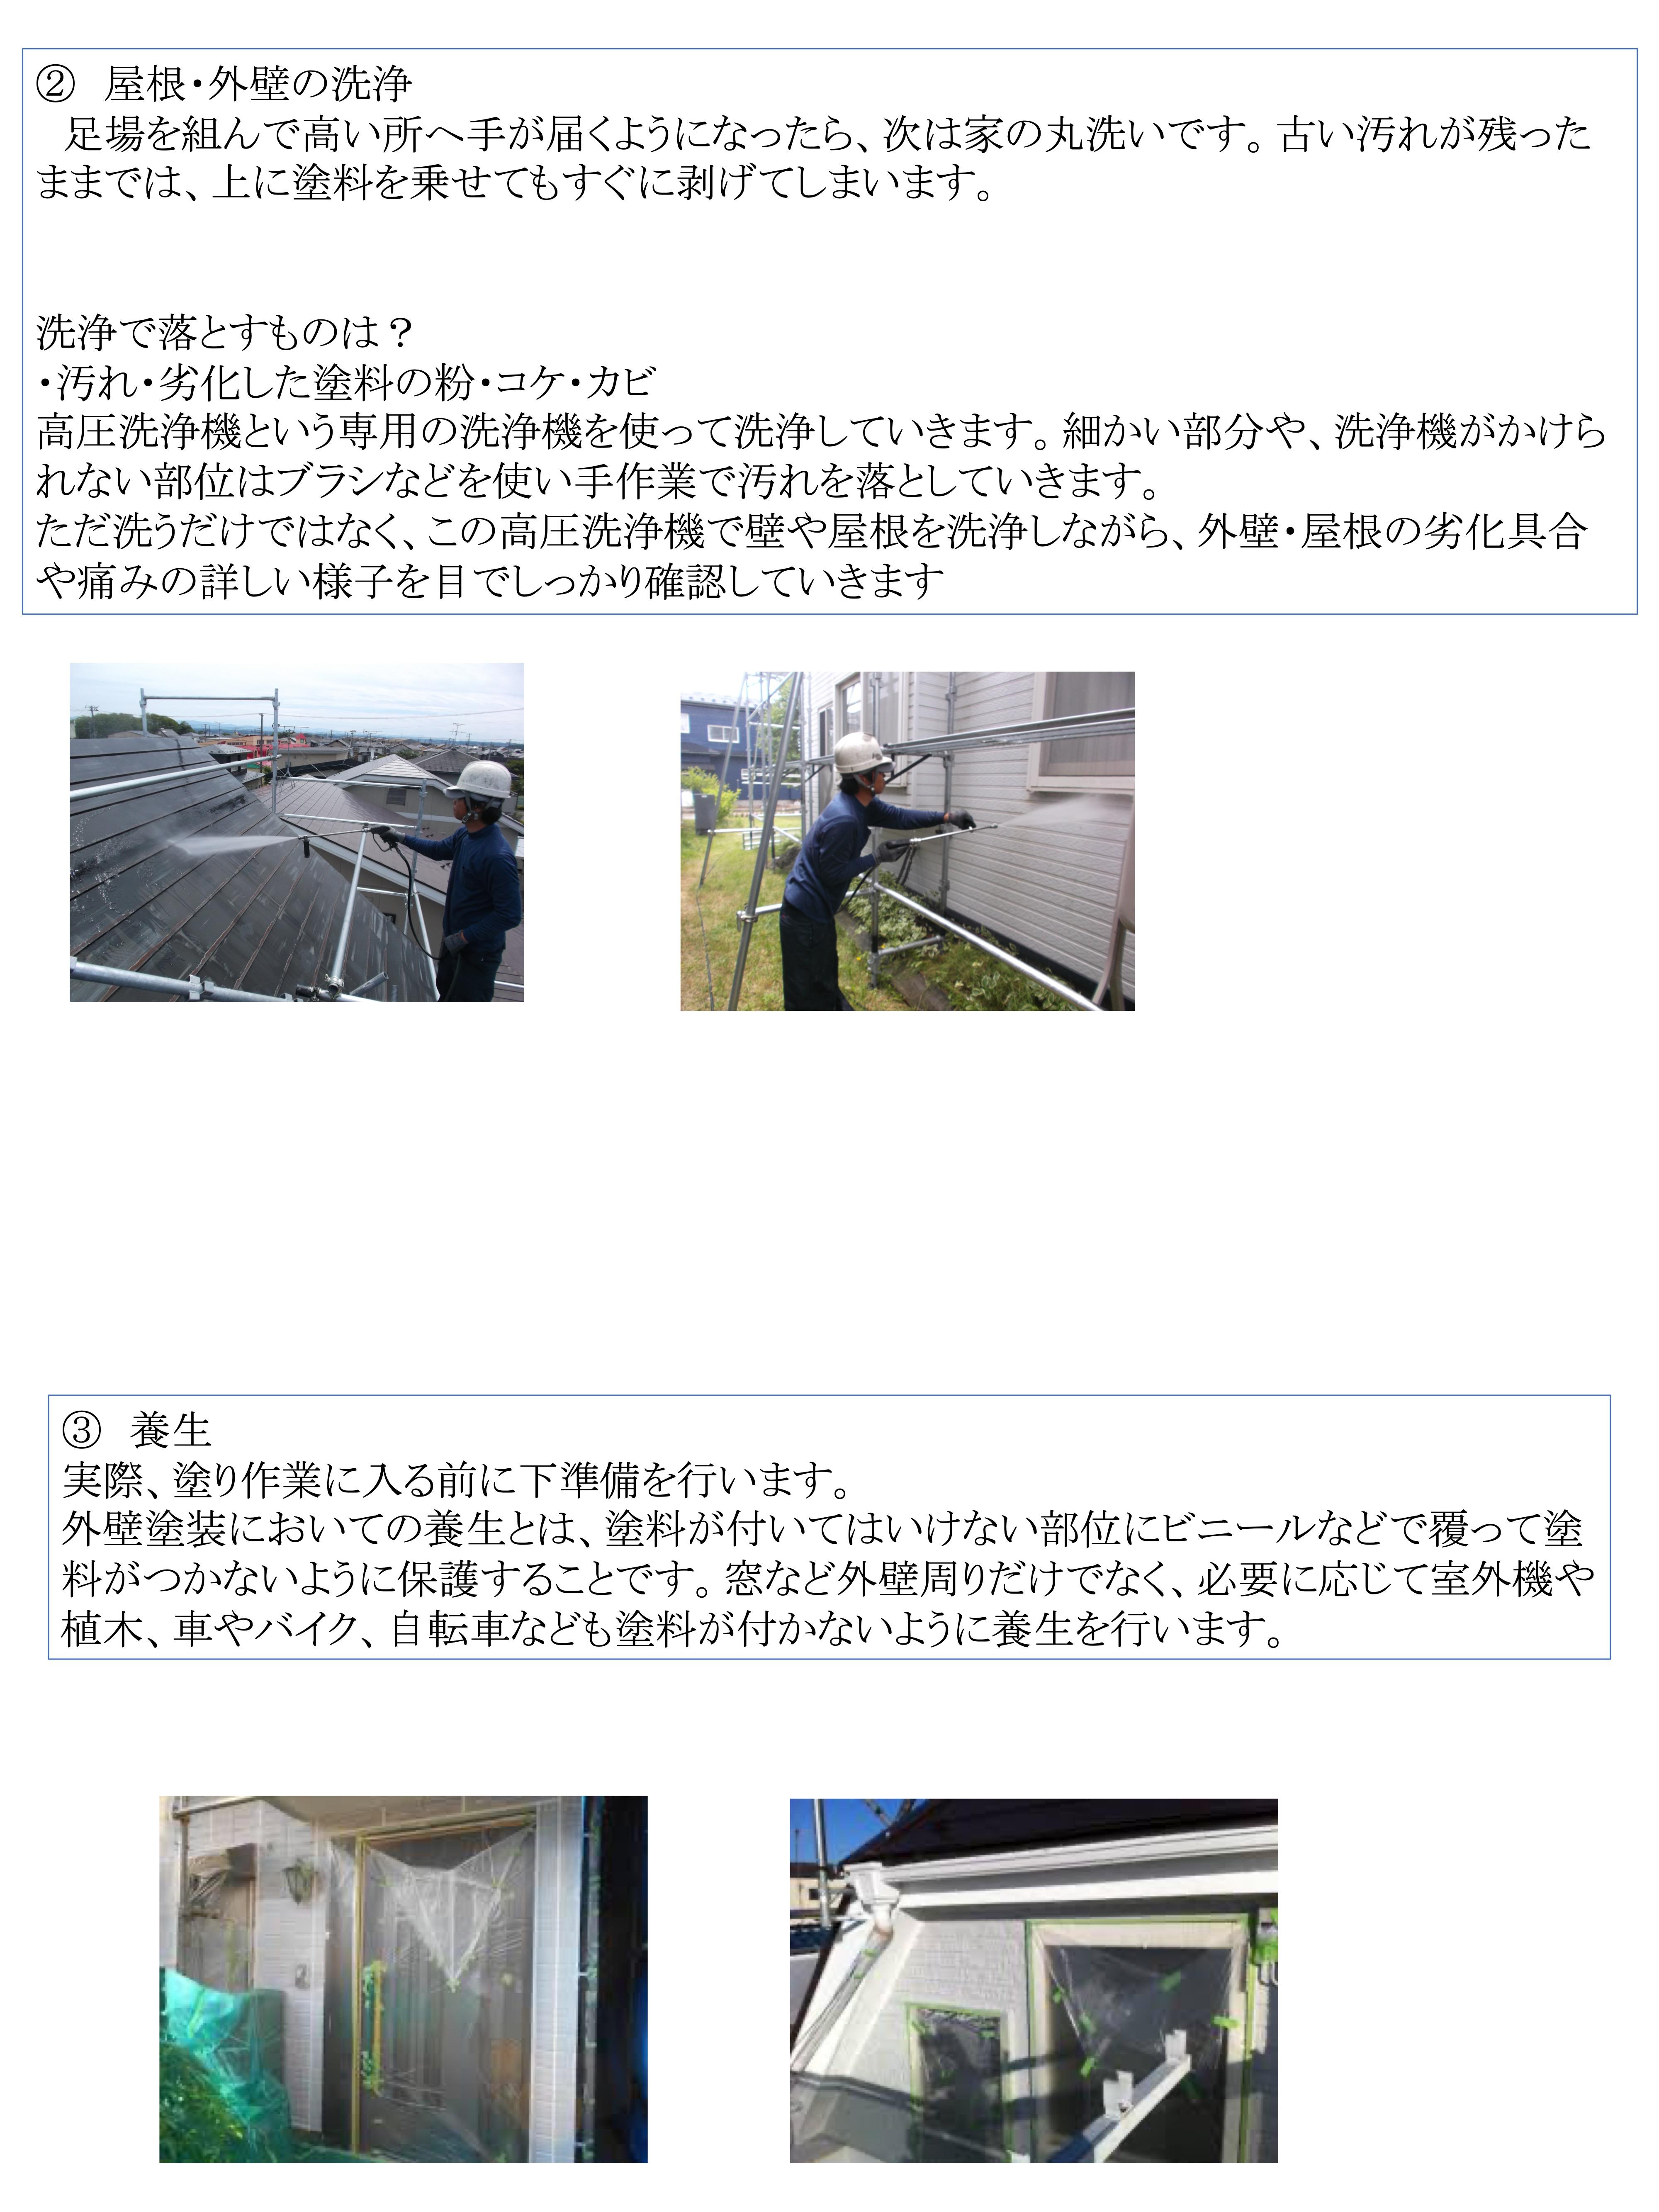 工事内容・流れ ホームページ用 3